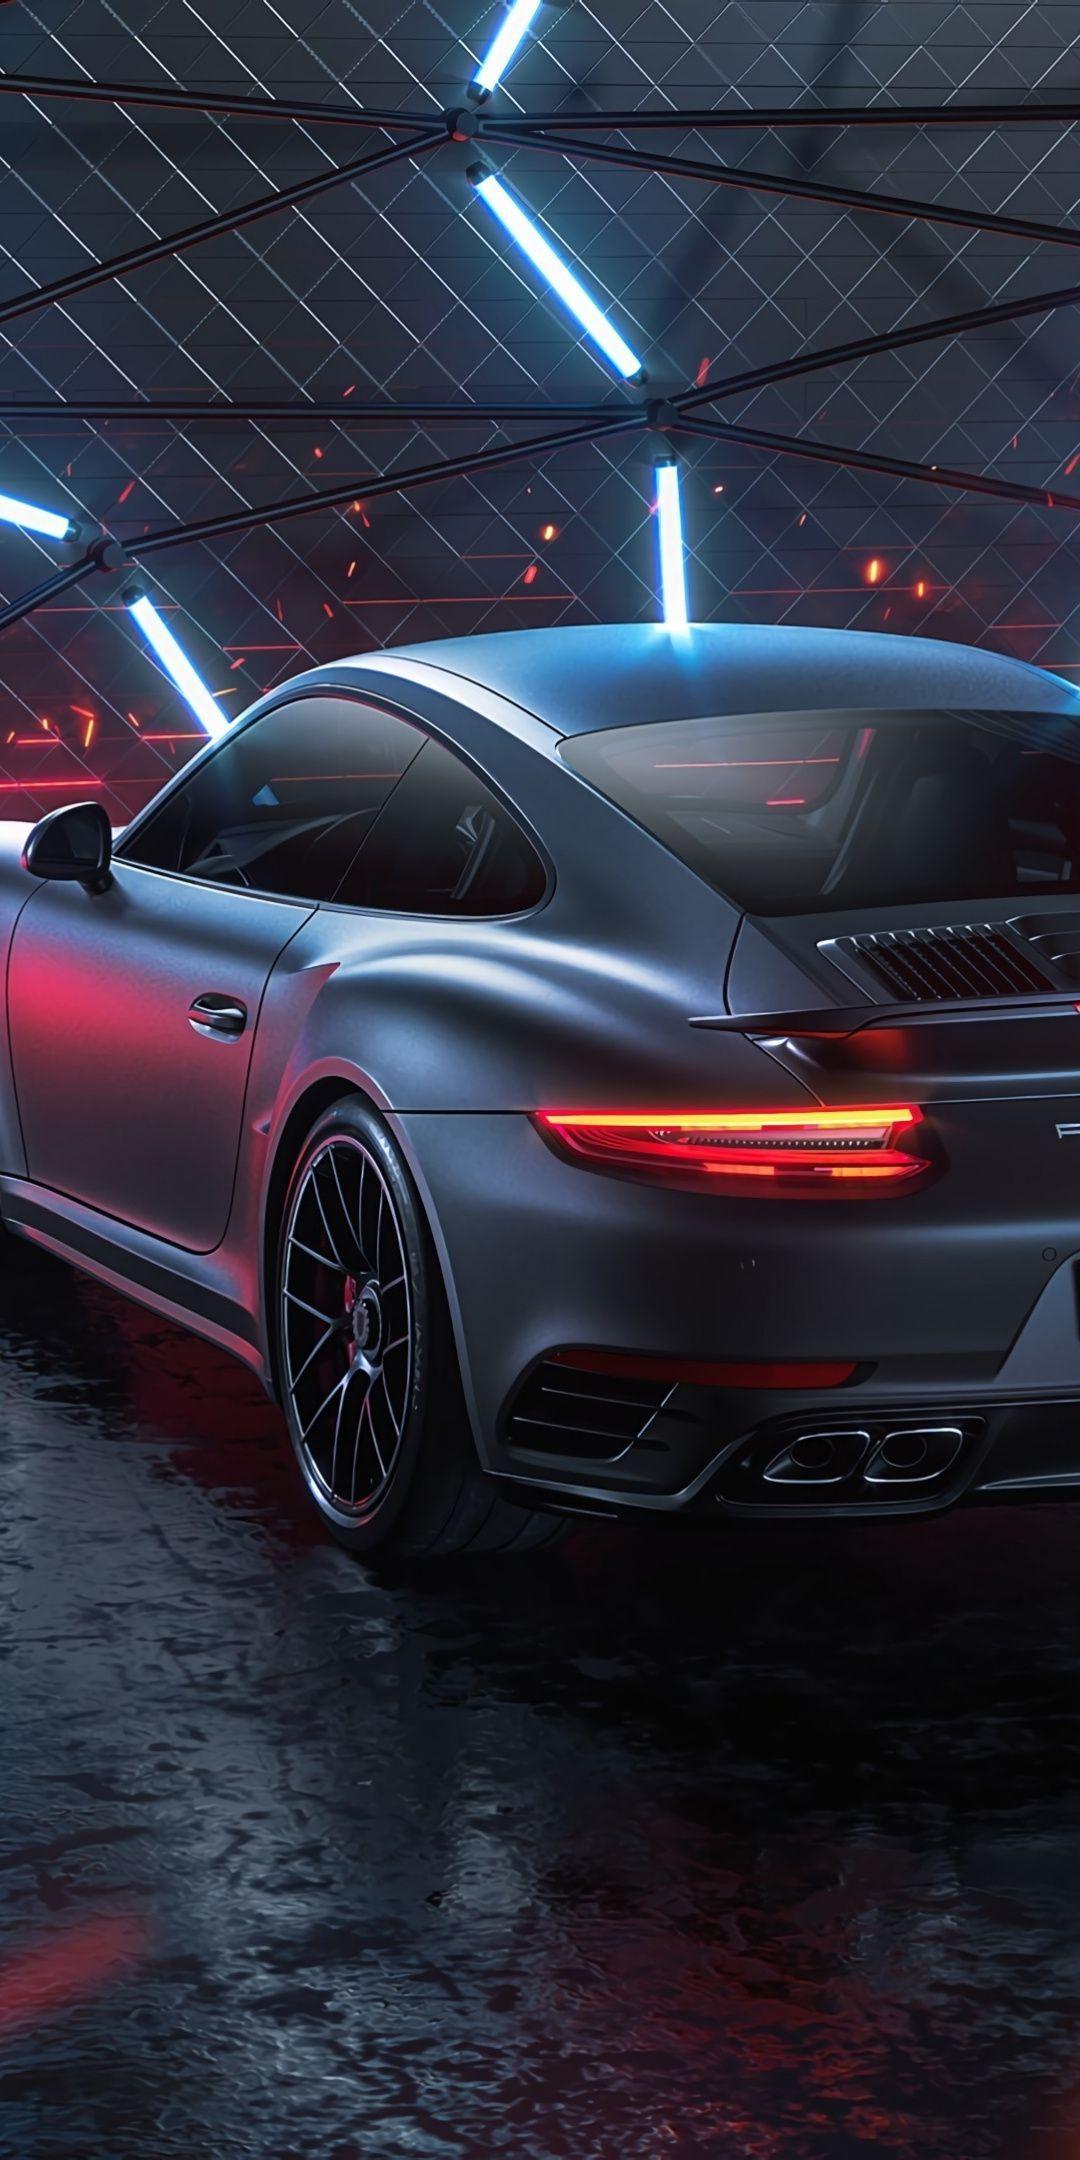 1080x2160 Porsche 911 Turbo S Porsche Car Art Wallpaper 911 Turbo S Porsche 911 Porsche 911 Turbo